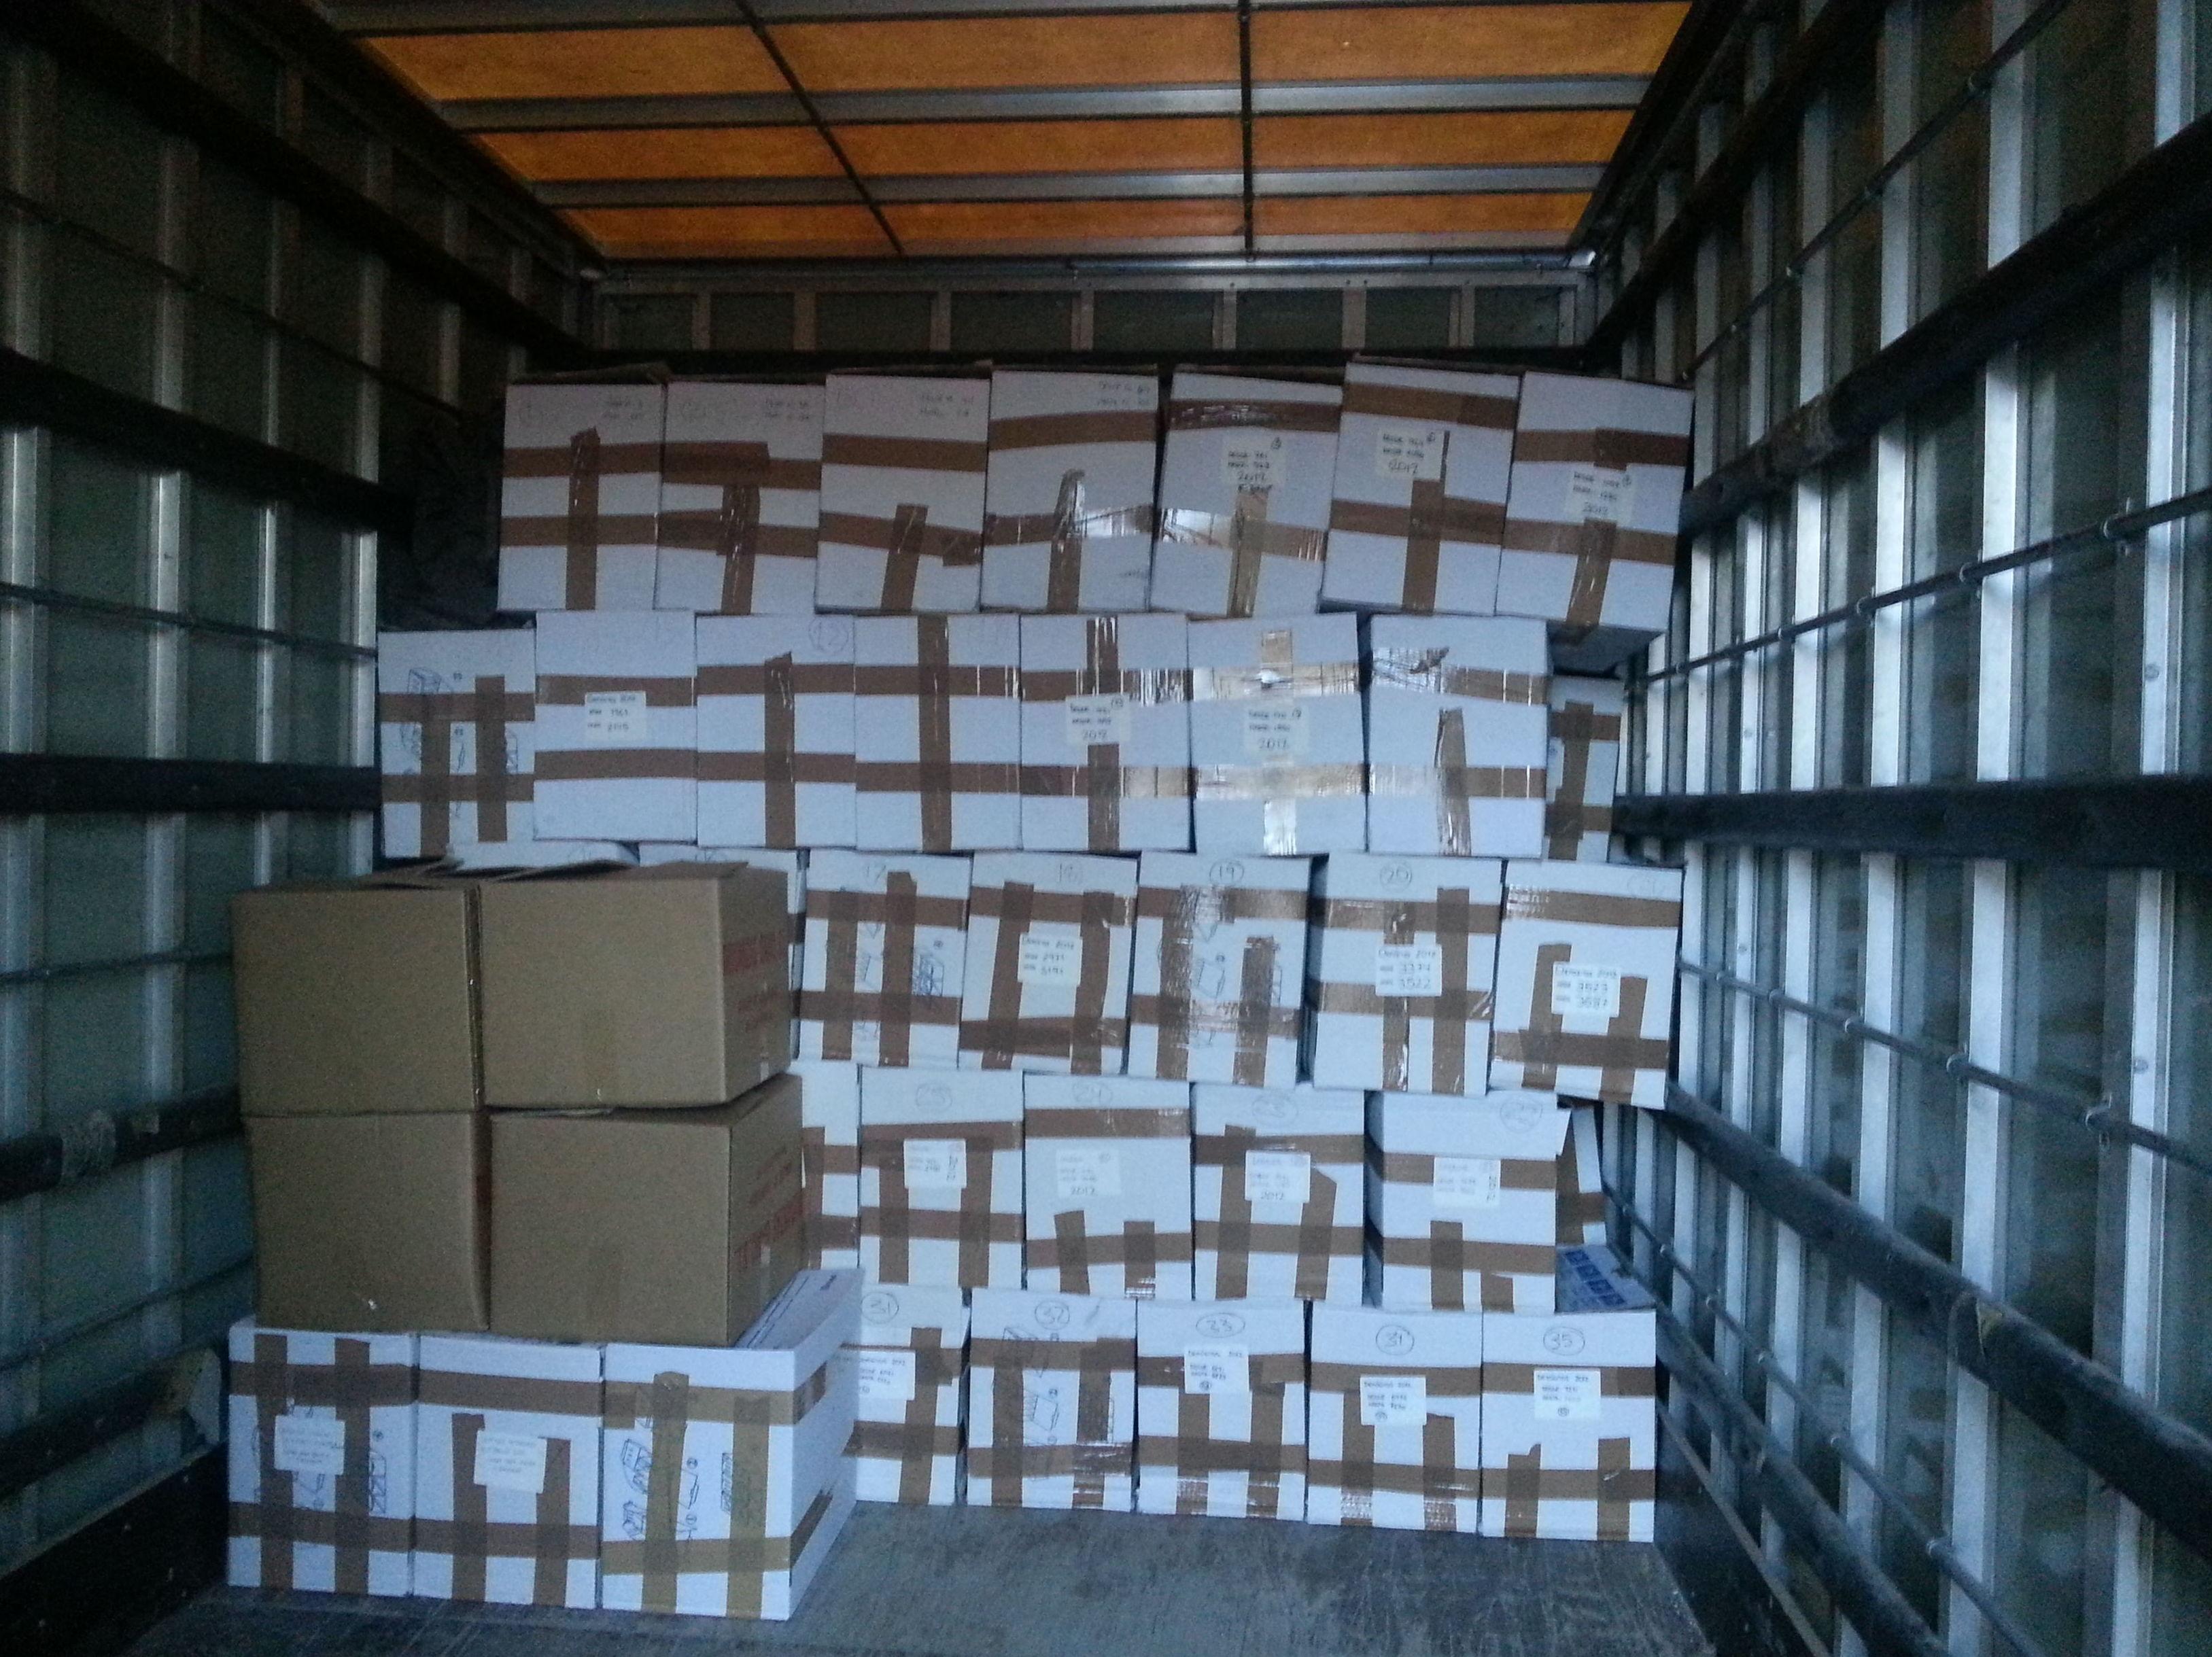 Mudanzas Gamo: Traslado de documentación en Pamplona, Iruña